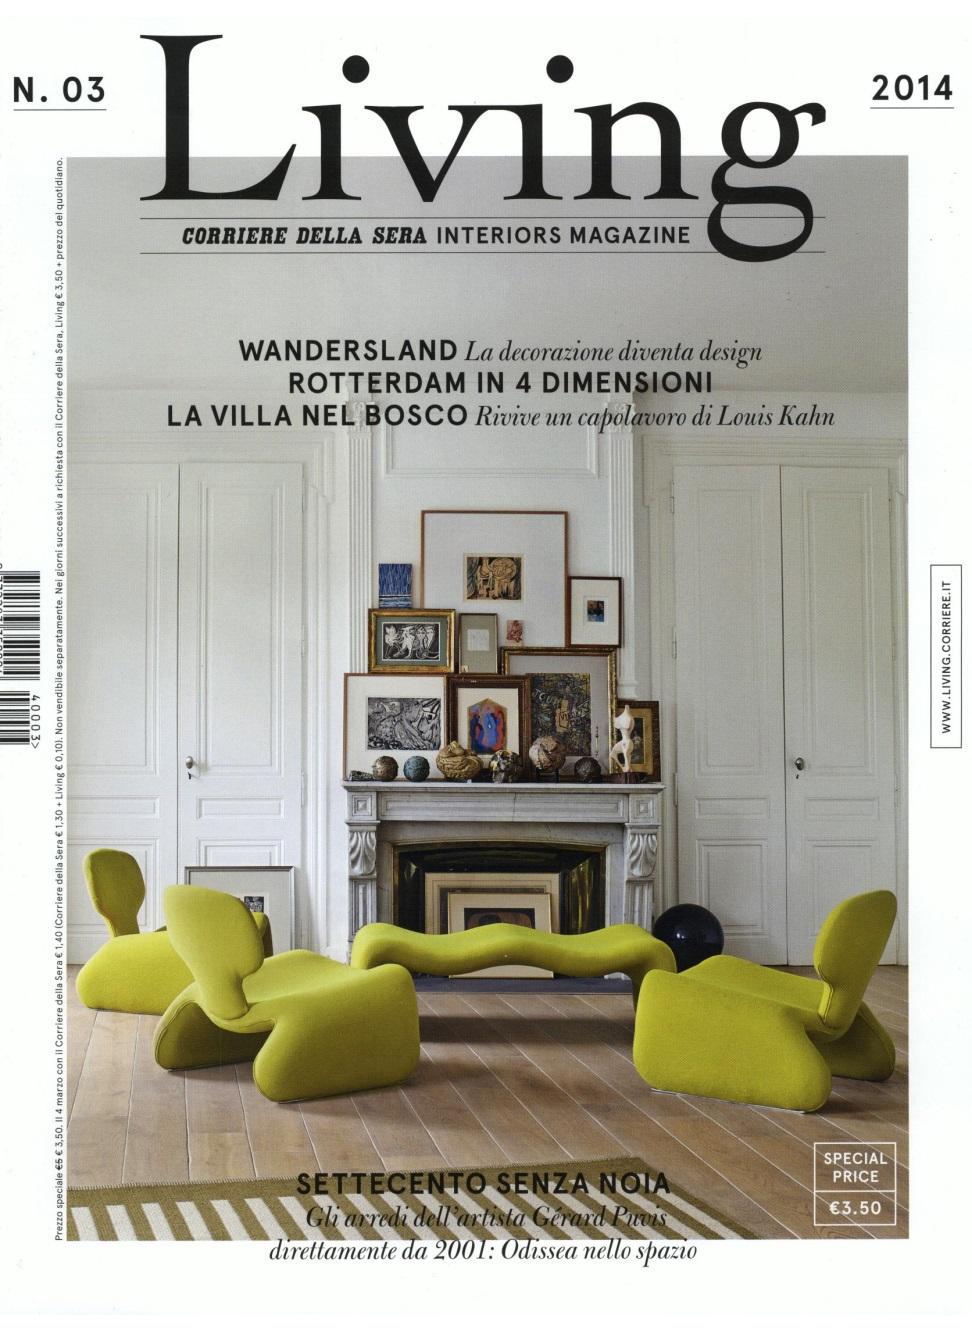 moroso living corriere della sera interiors magazine